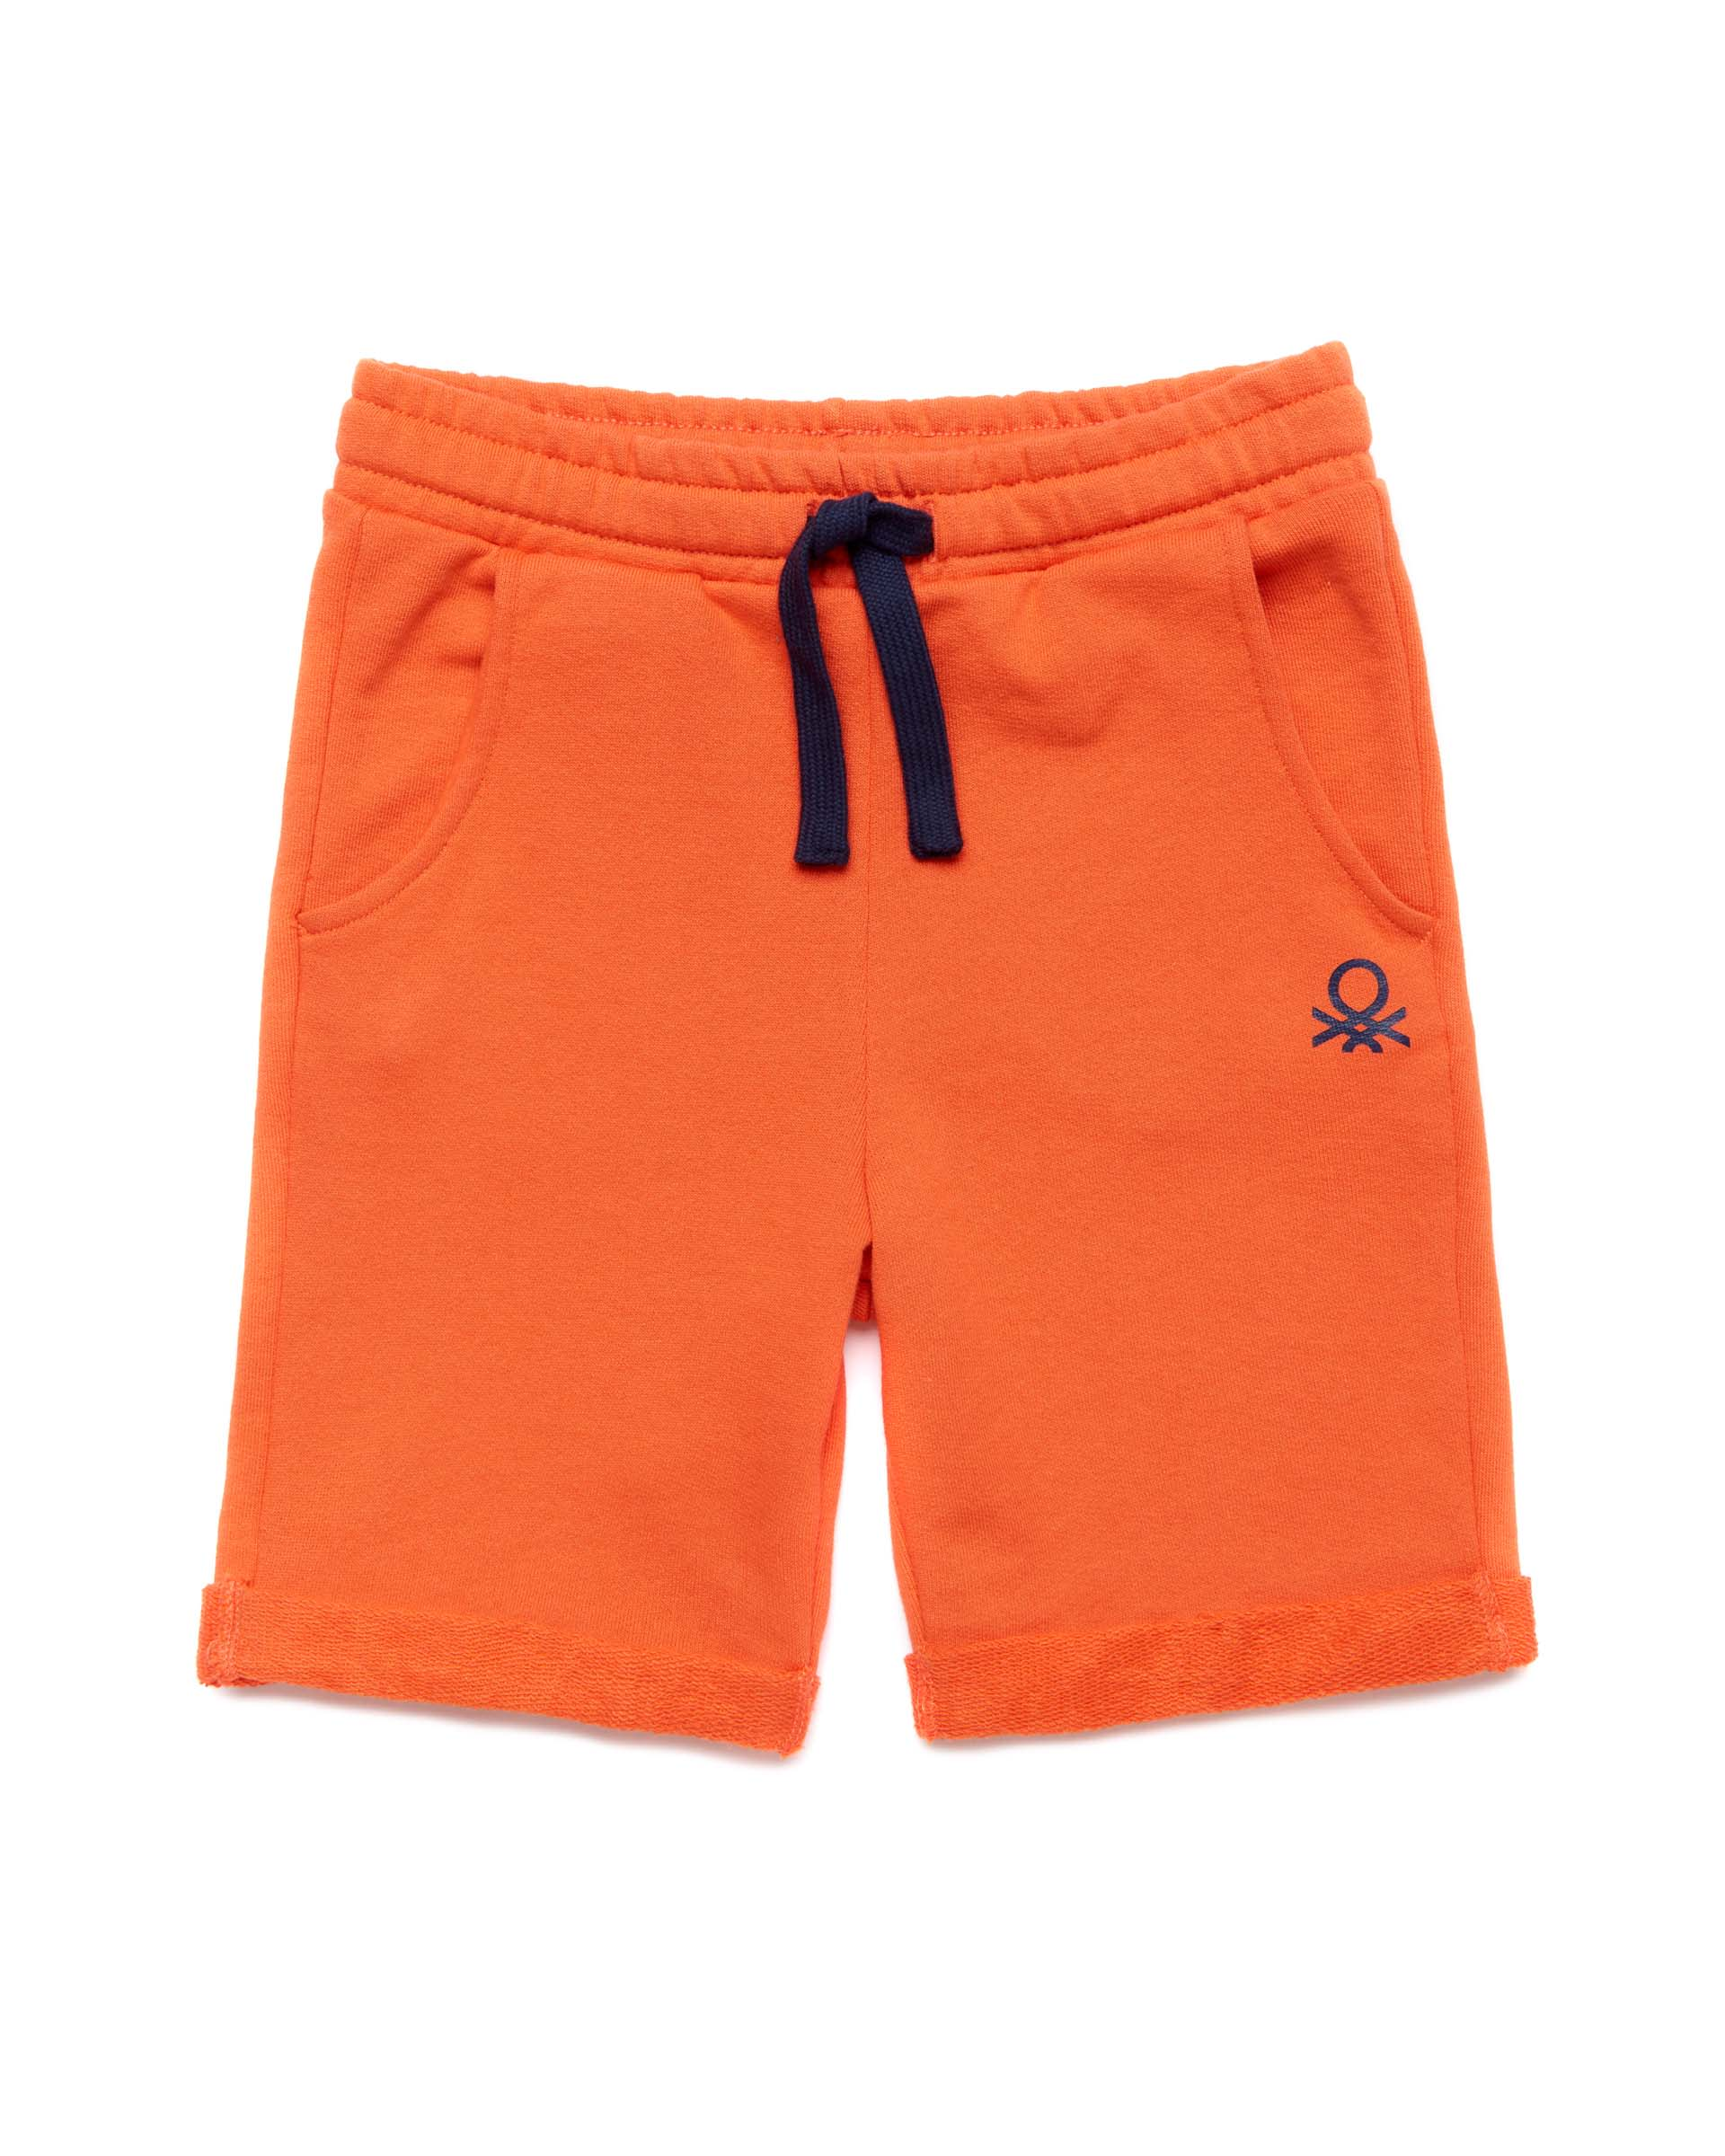 Купить 20P_3J68I0638_309, Спортивные шорты для мальчиков Benetton 3J68I0638_309 р-р 80, United Colors of Benetton, Шорты и брюки для новорожденных